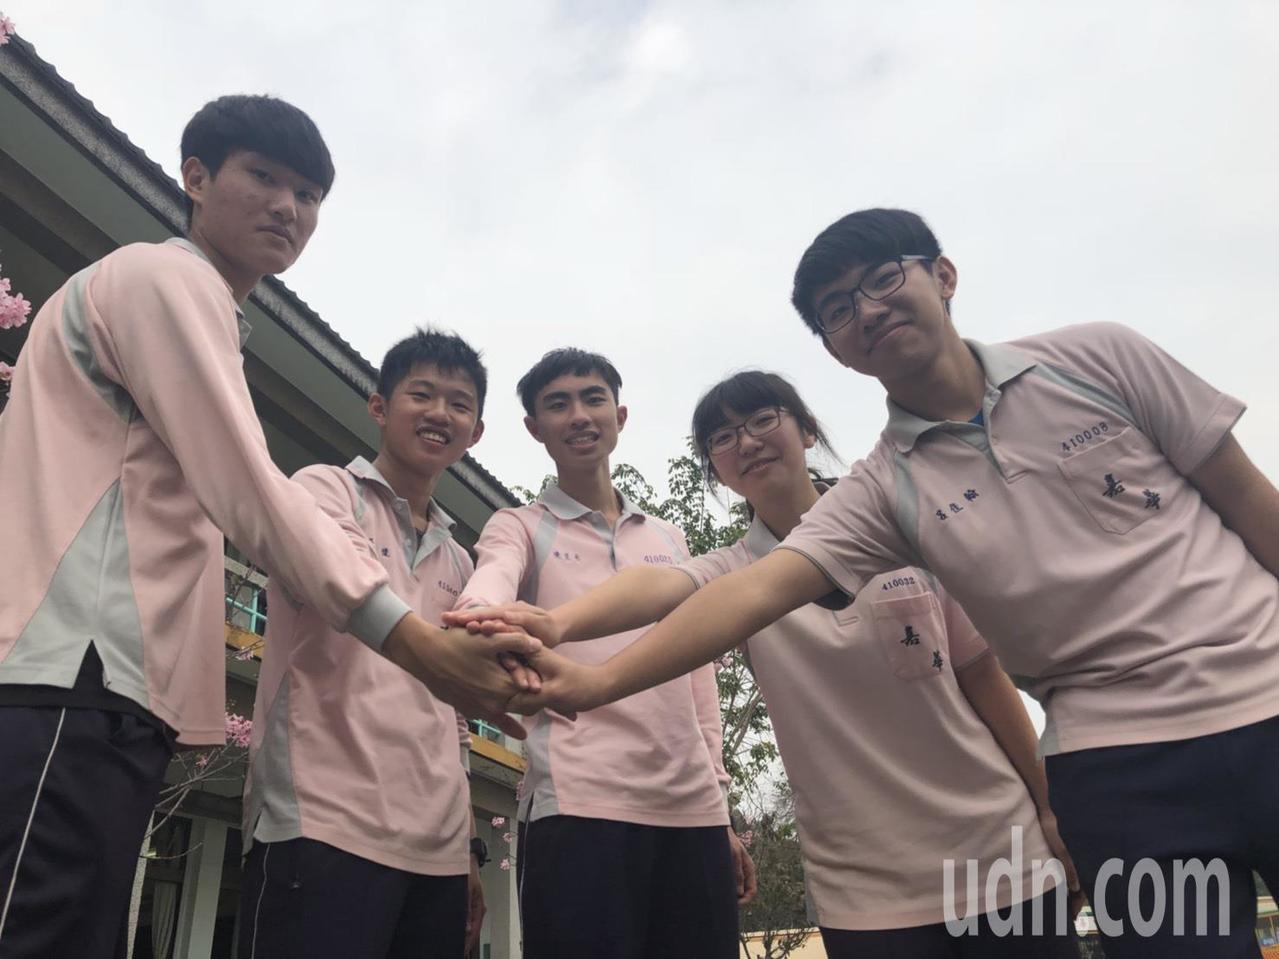 嘉華中學學生黃宜蓁(右二)錄取成大航太系,她說,未來想成為帥氣的機師,但身高條件...